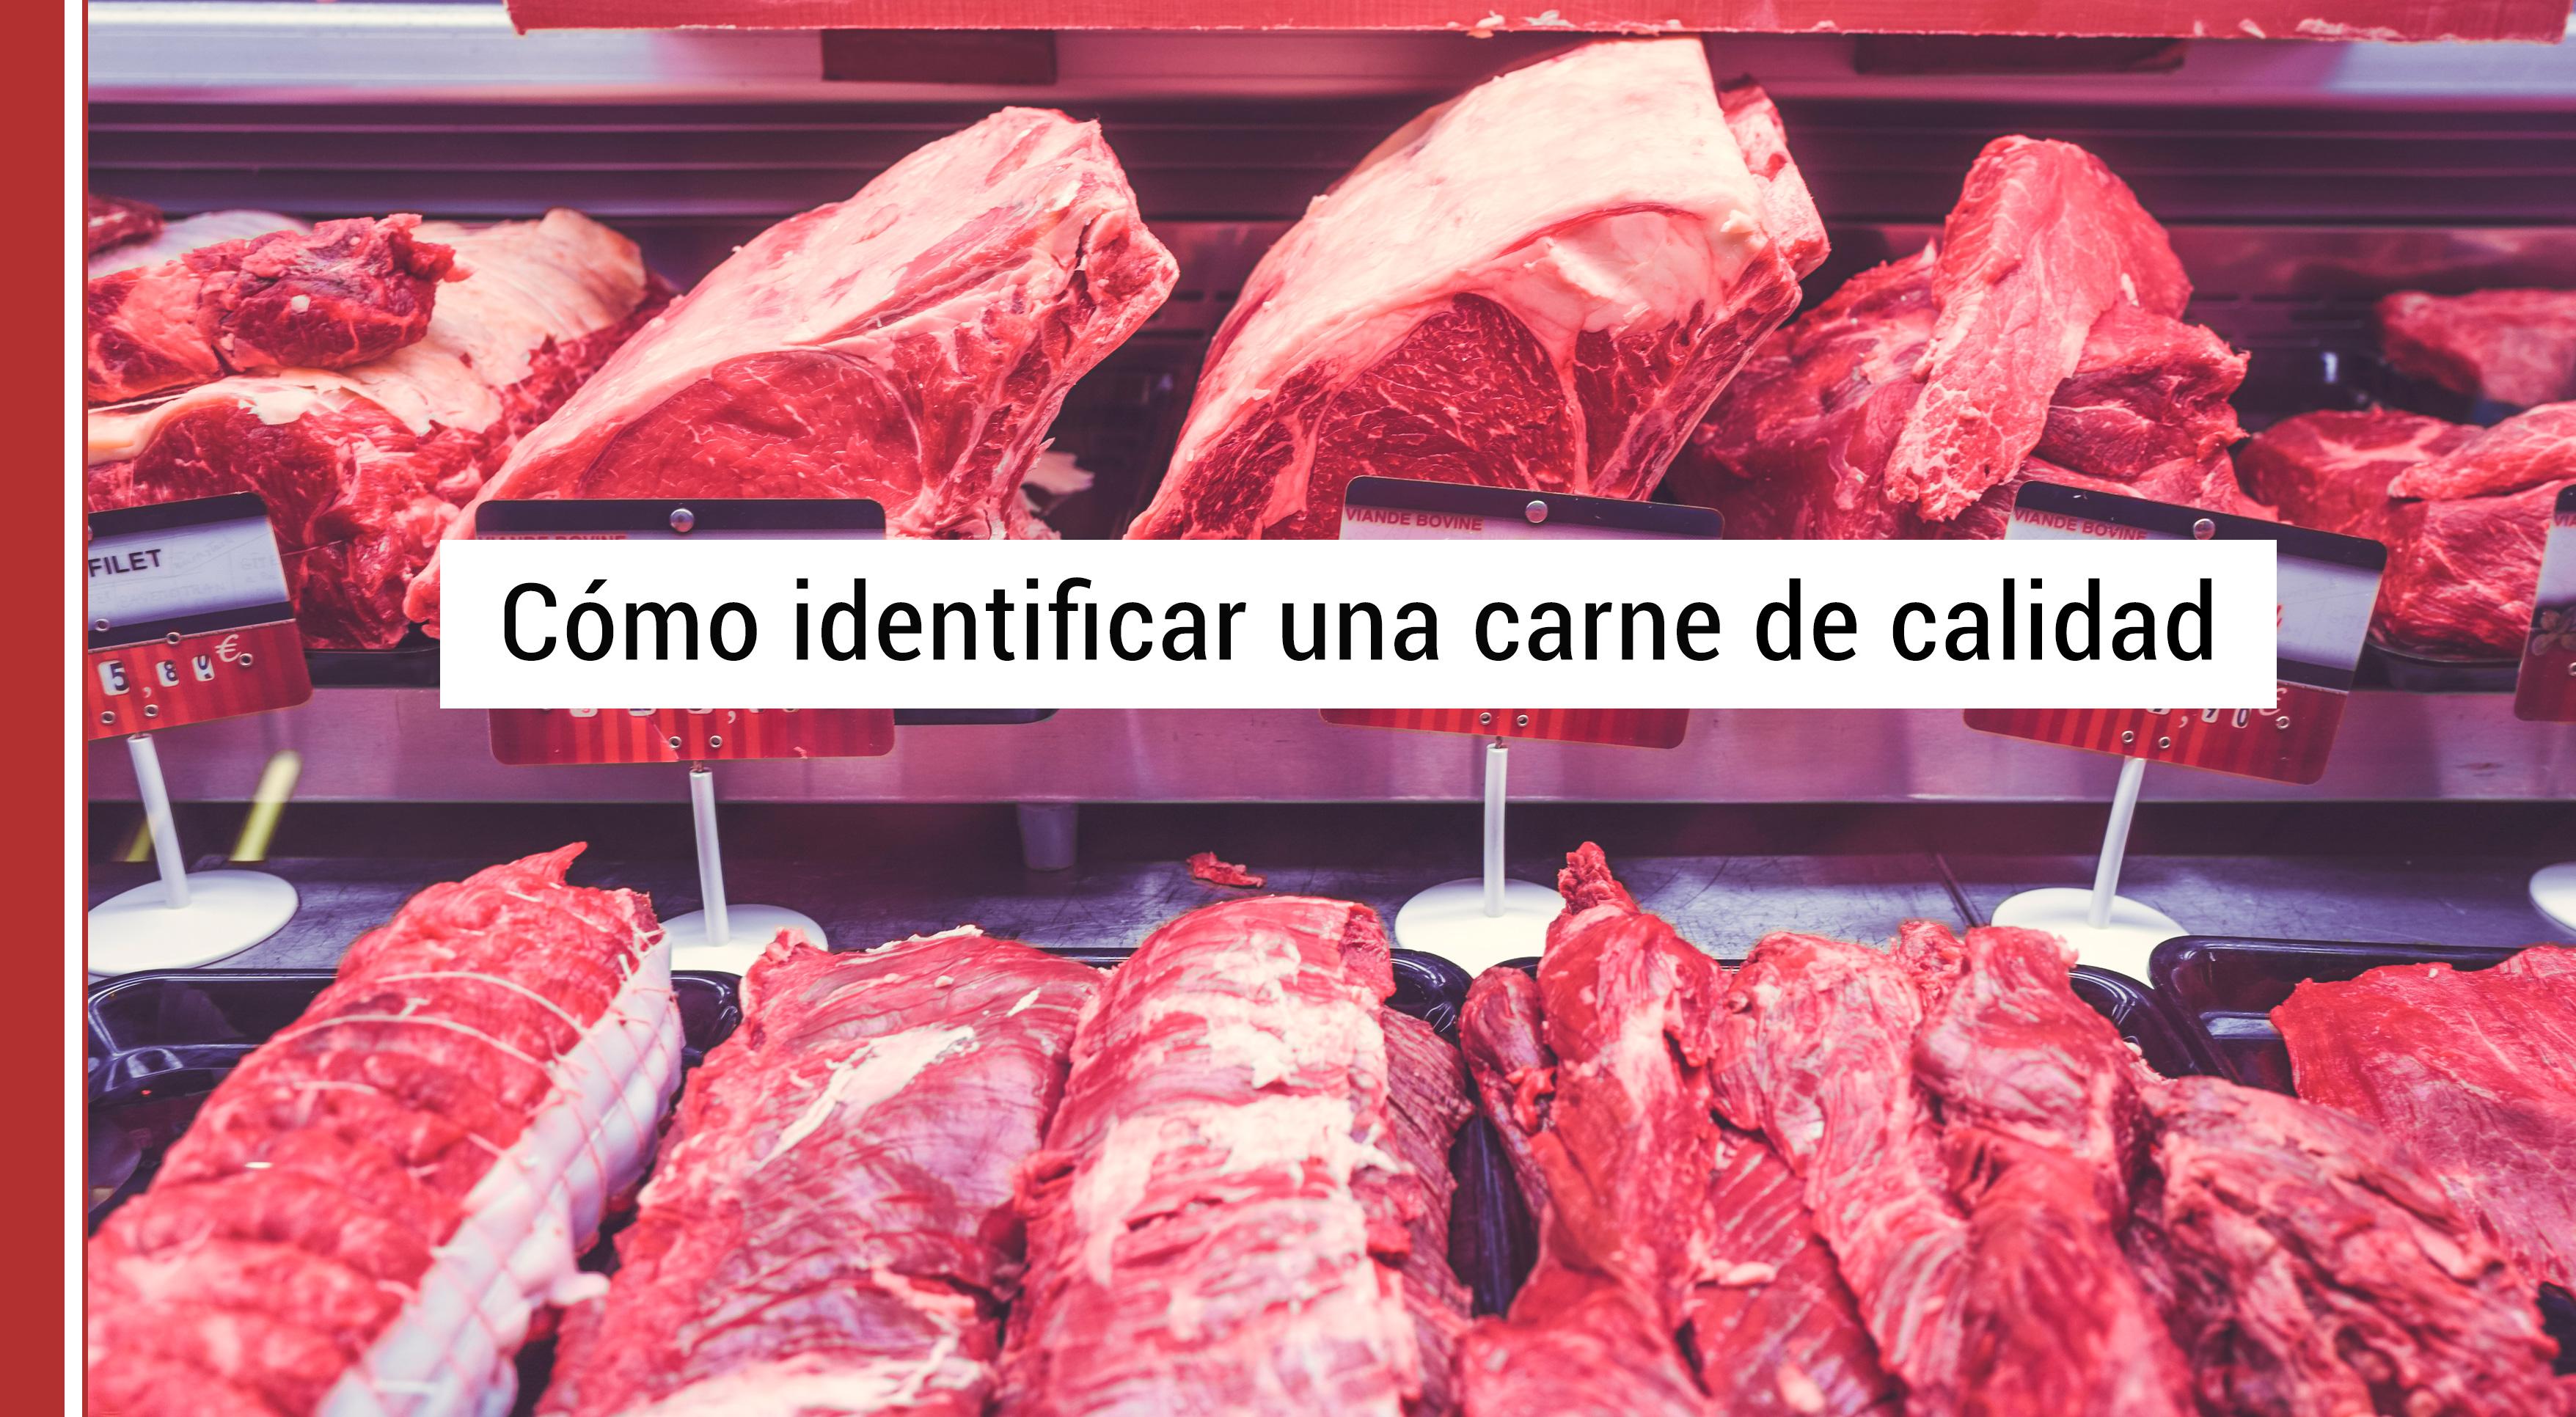 como-identificar-carne-de-calidad Cómo identificar una carne de calidad a golpe de vista